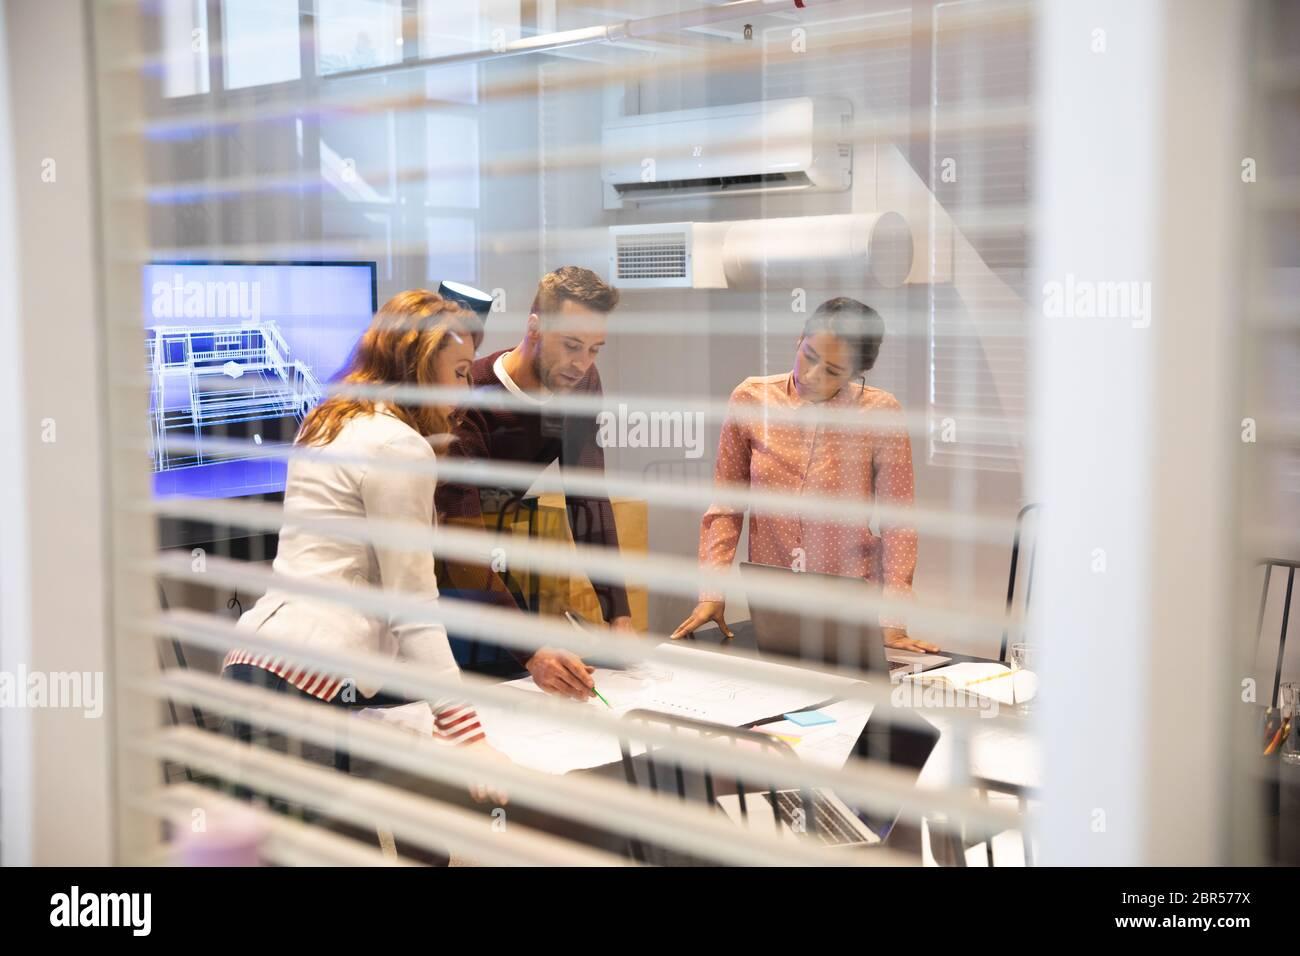 Business kreative Menschen arbeiten in einem lässigen modernen Büro Stockfoto